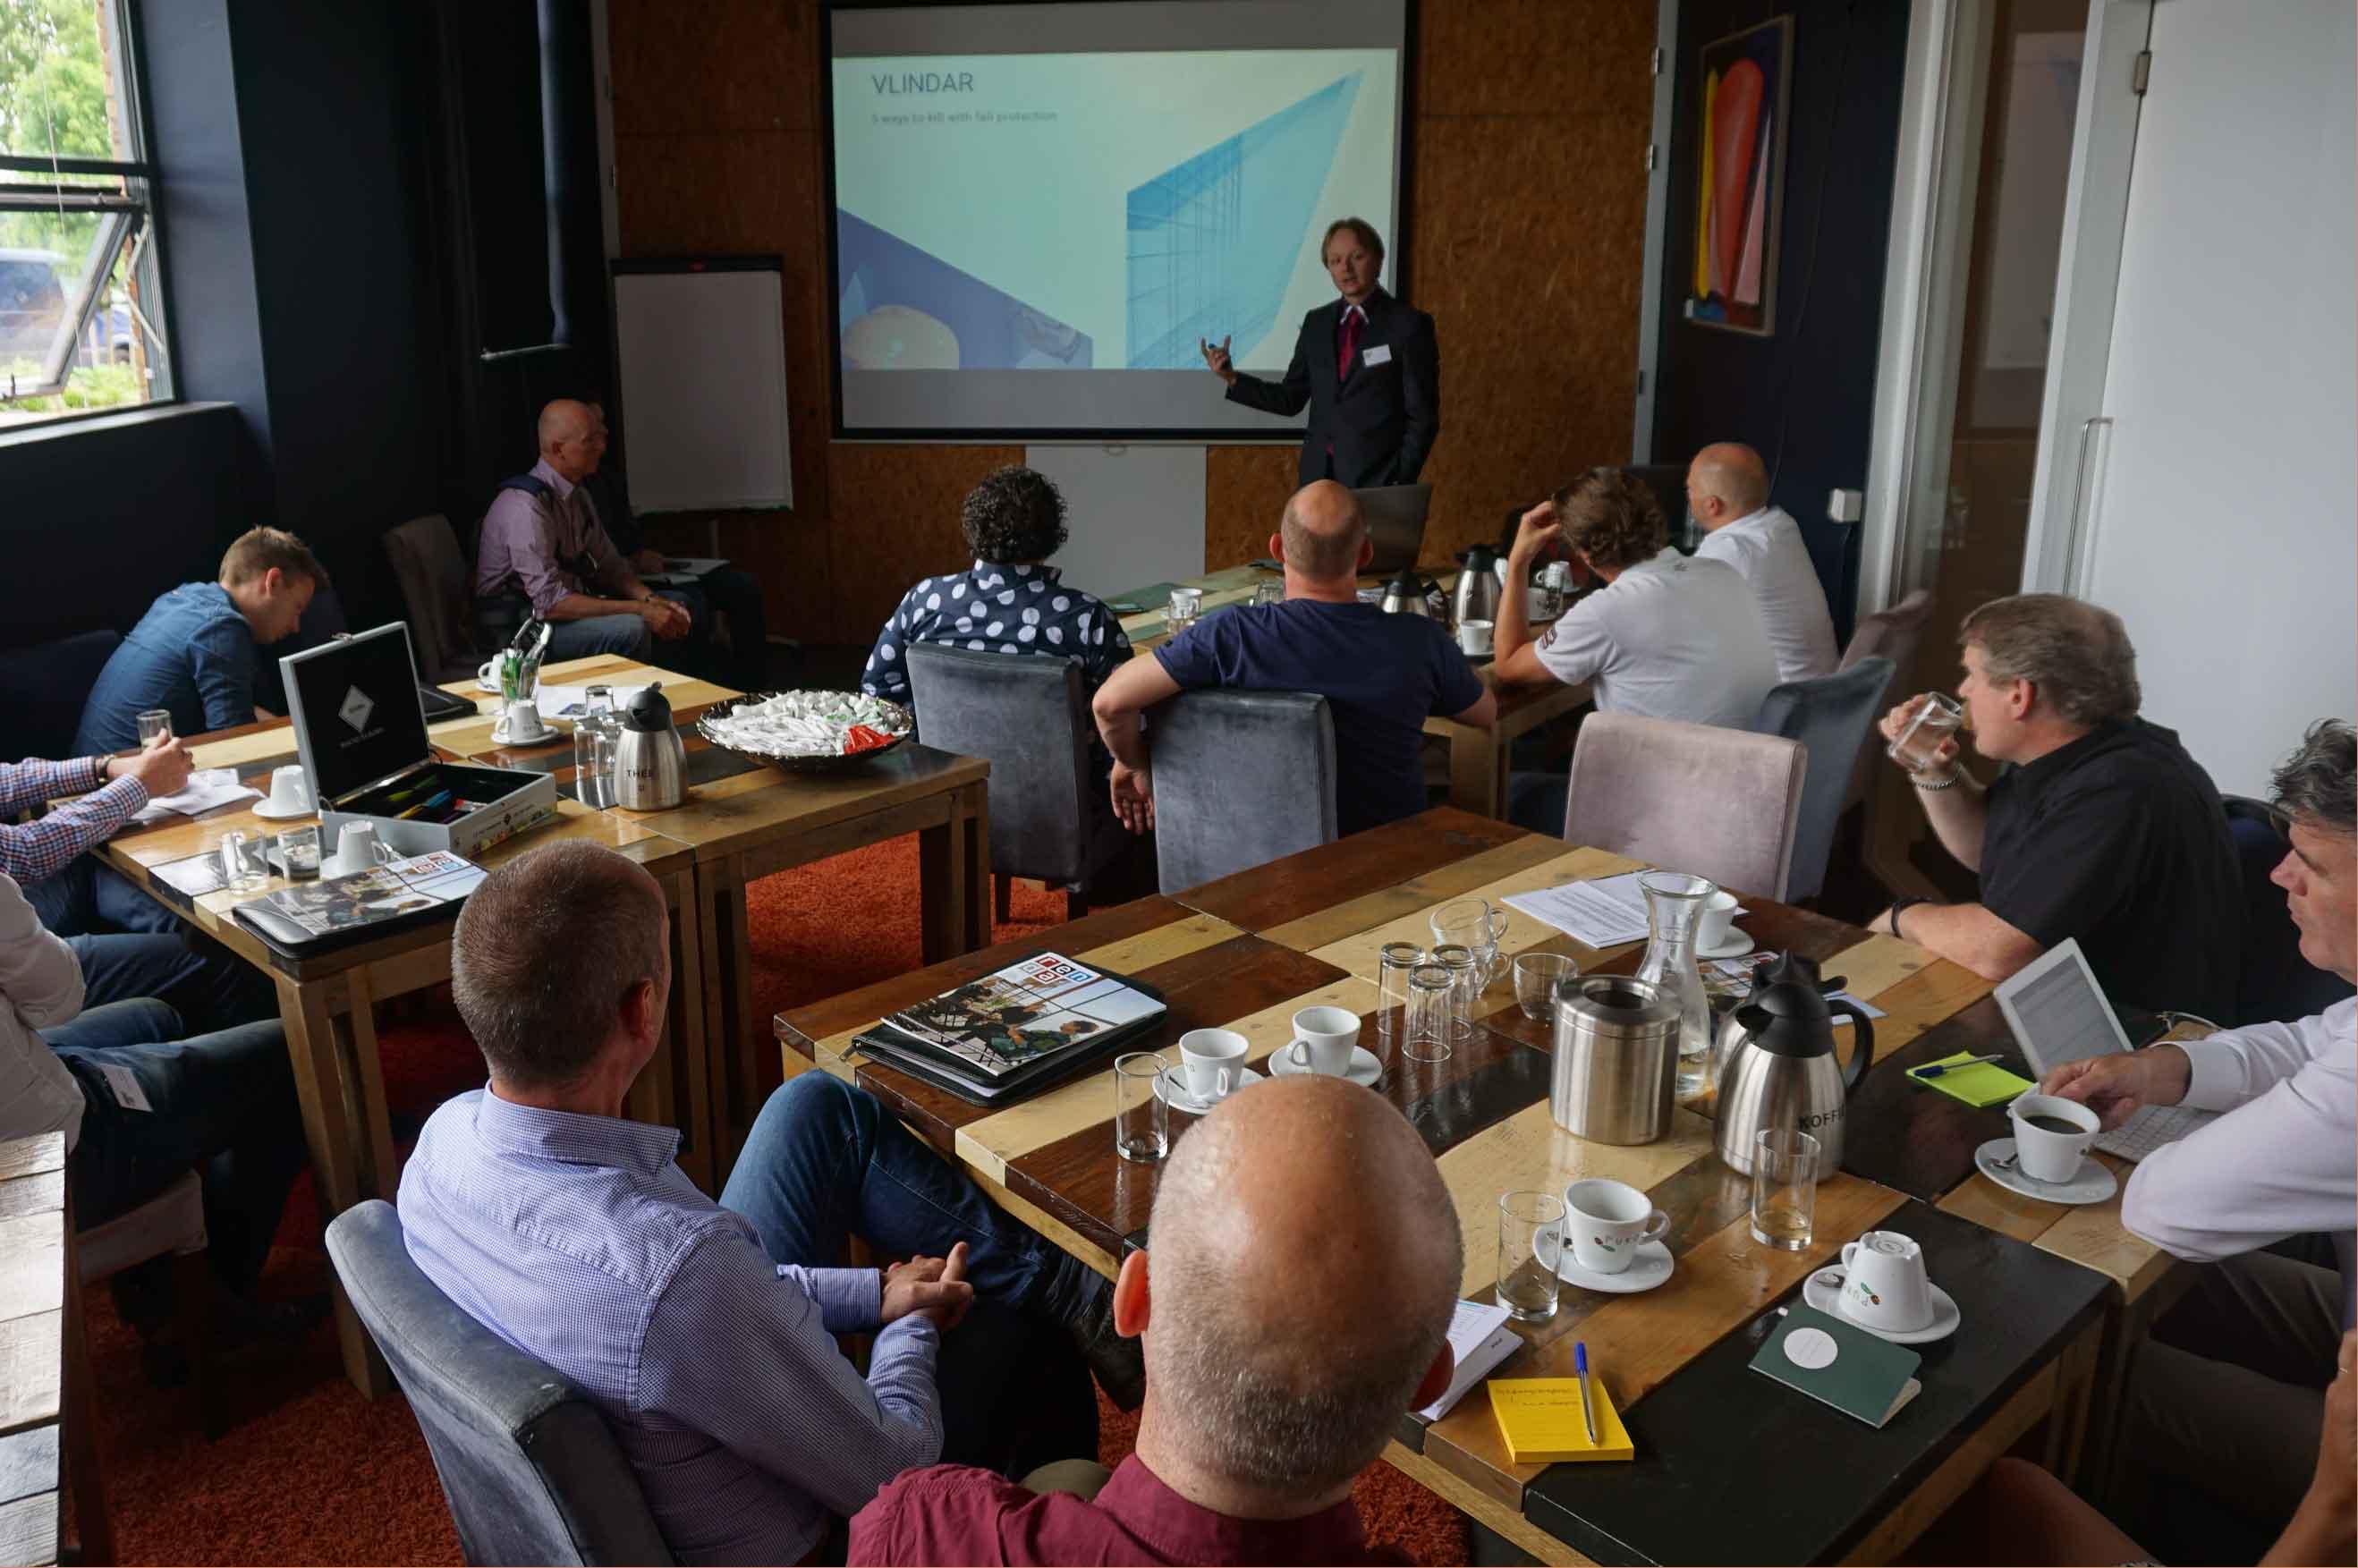 Vlindar-Elko-Petten-geeft-workshop-veilig-werk-op-hoogte